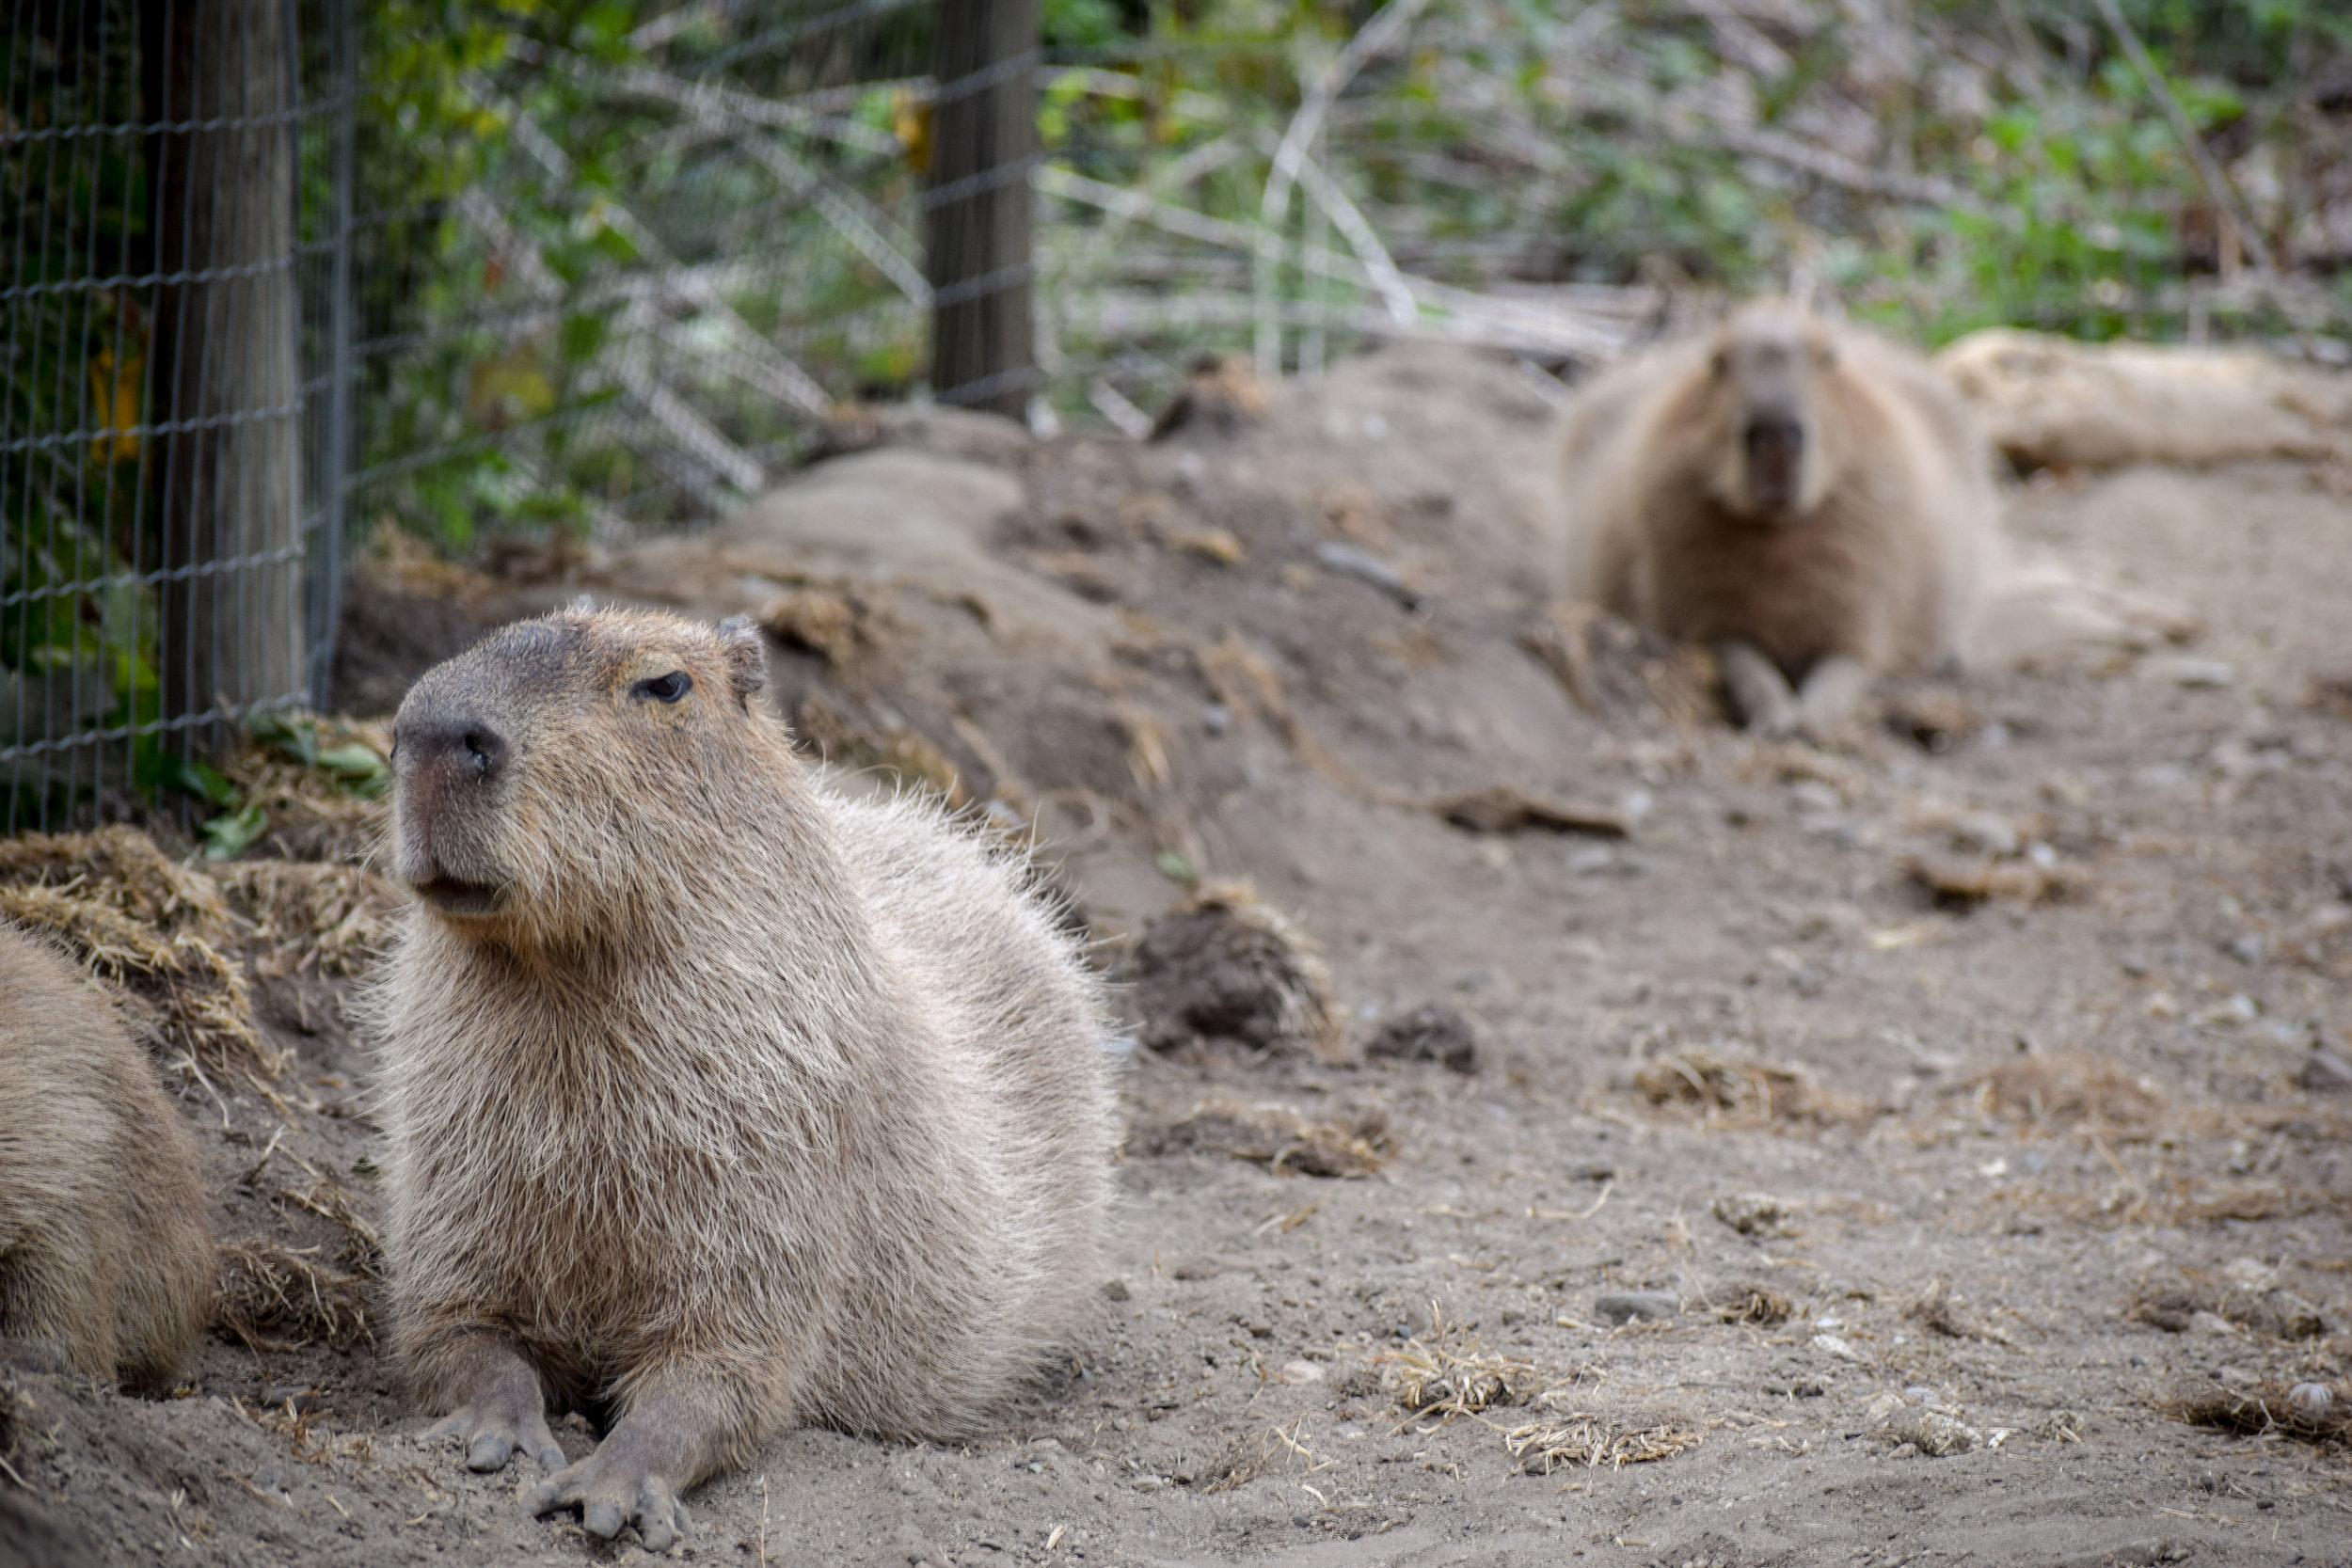 Capybaras at Kangaroo Creek Farm